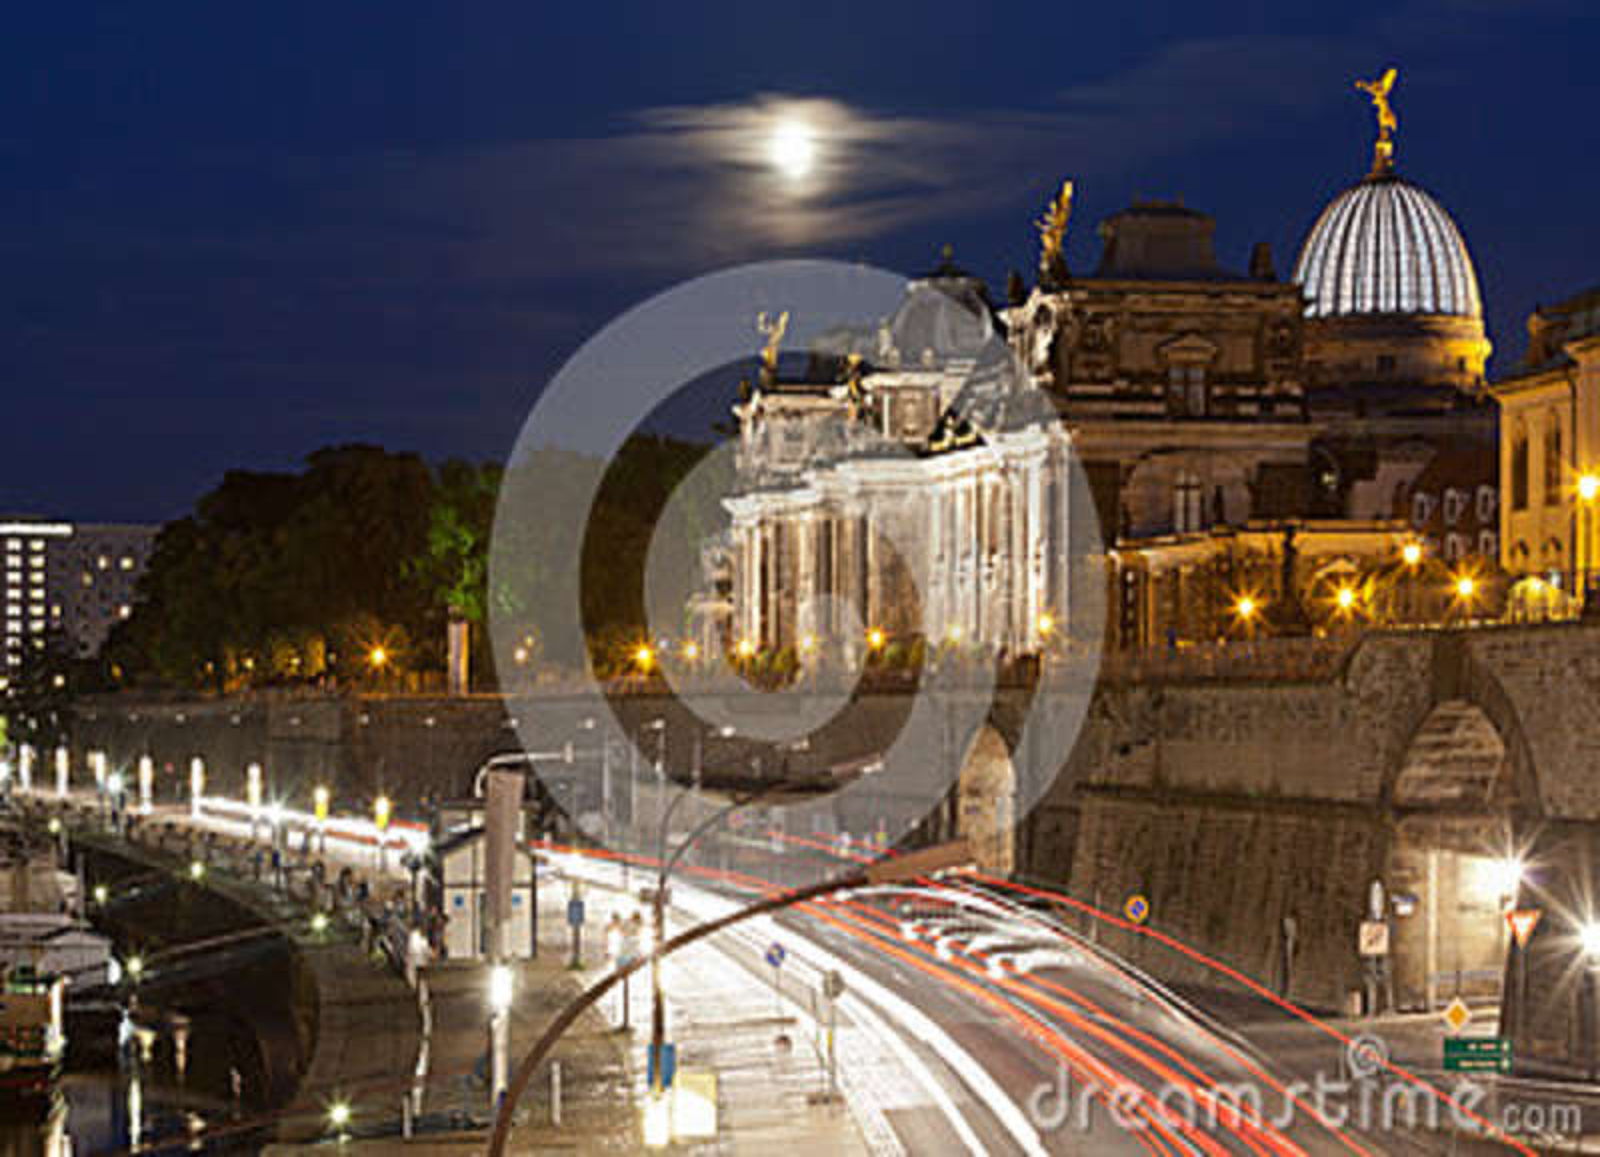 Download Pier von Dresden stockbild. Bild von voll, dämmerung - 45019517